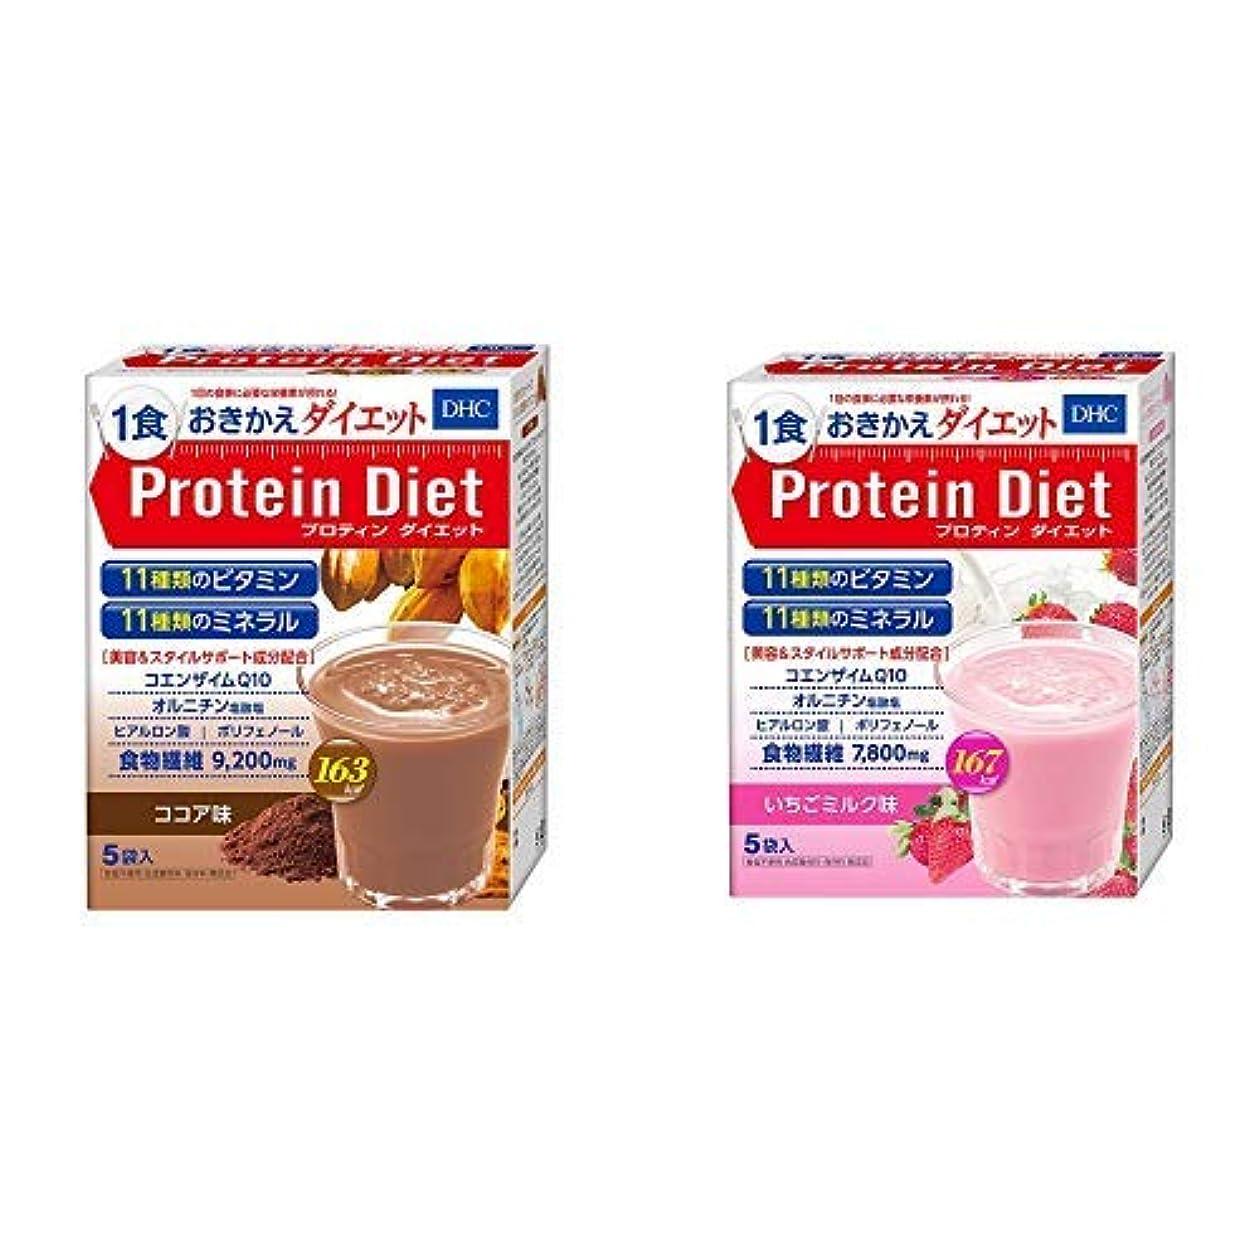 劣る安息翻訳DHCプロティンダイエット(ココア味)DHCプロティンダイエット(いちごミルク味)